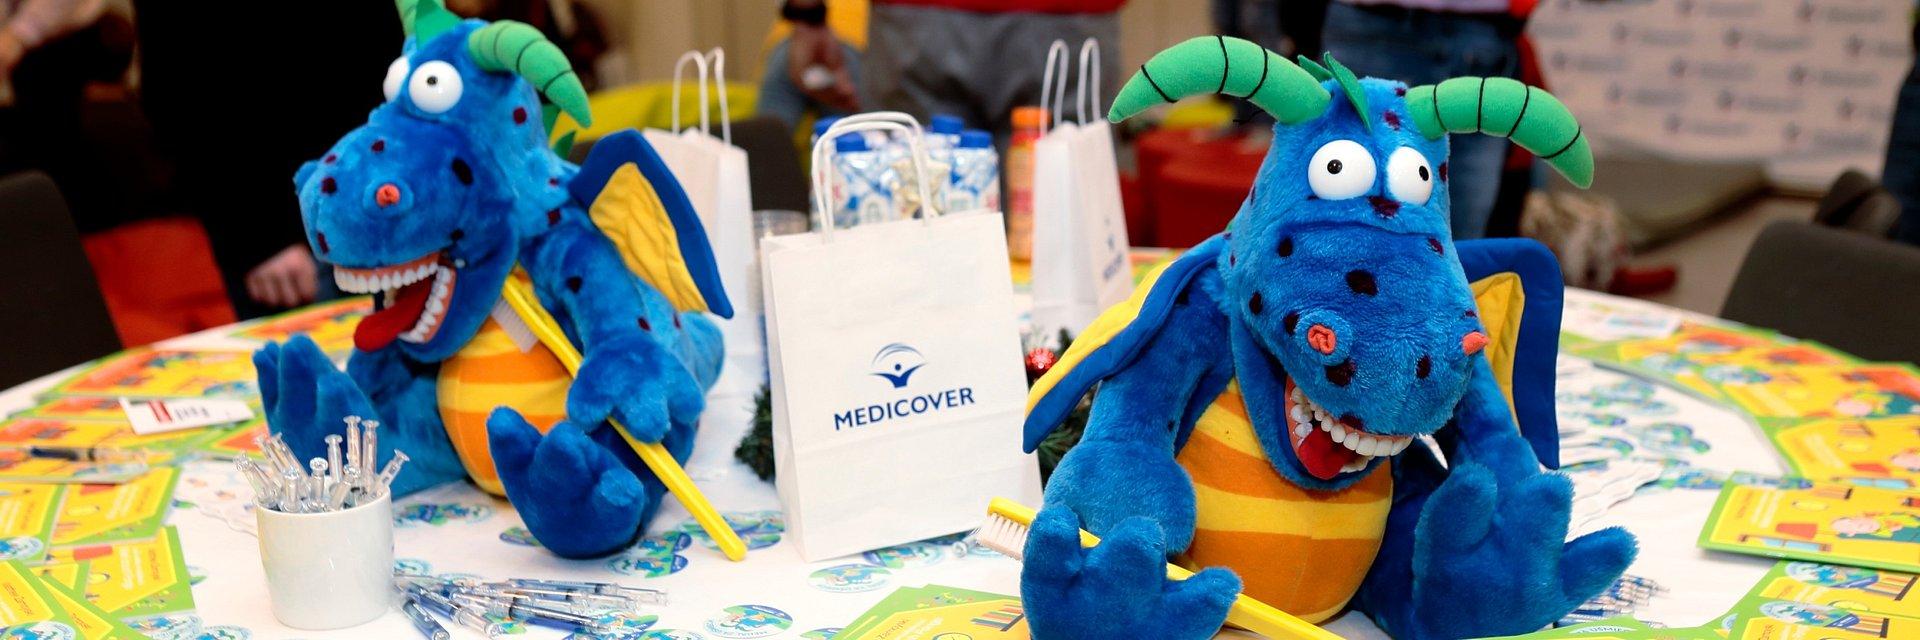 Medicover Stomatologia charytatywnie dla najmłodszych